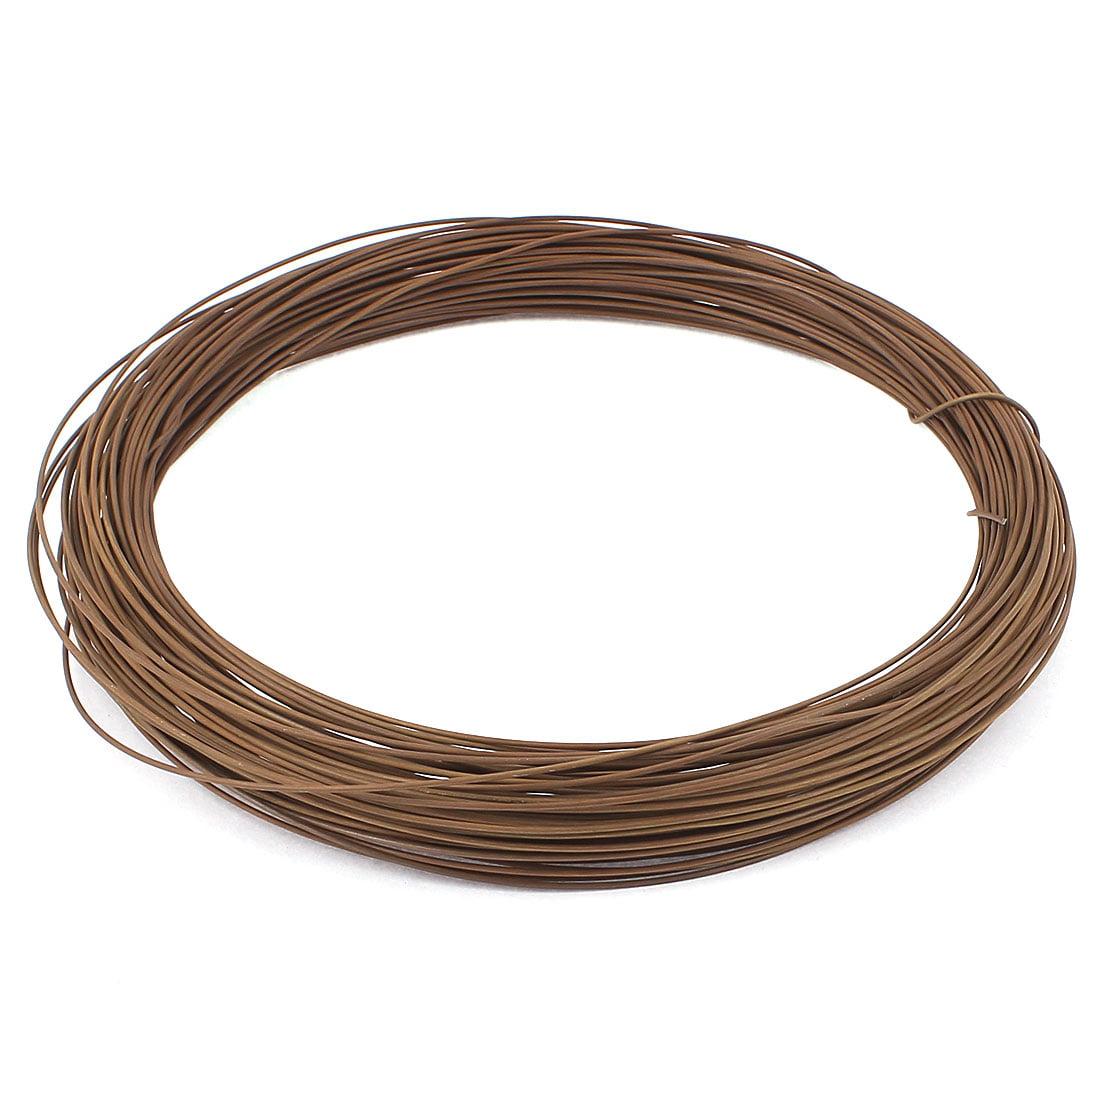 1.4mm 15Gauge AWG 131.23ft Cable chauffage fil rouleau - image 2 de 2